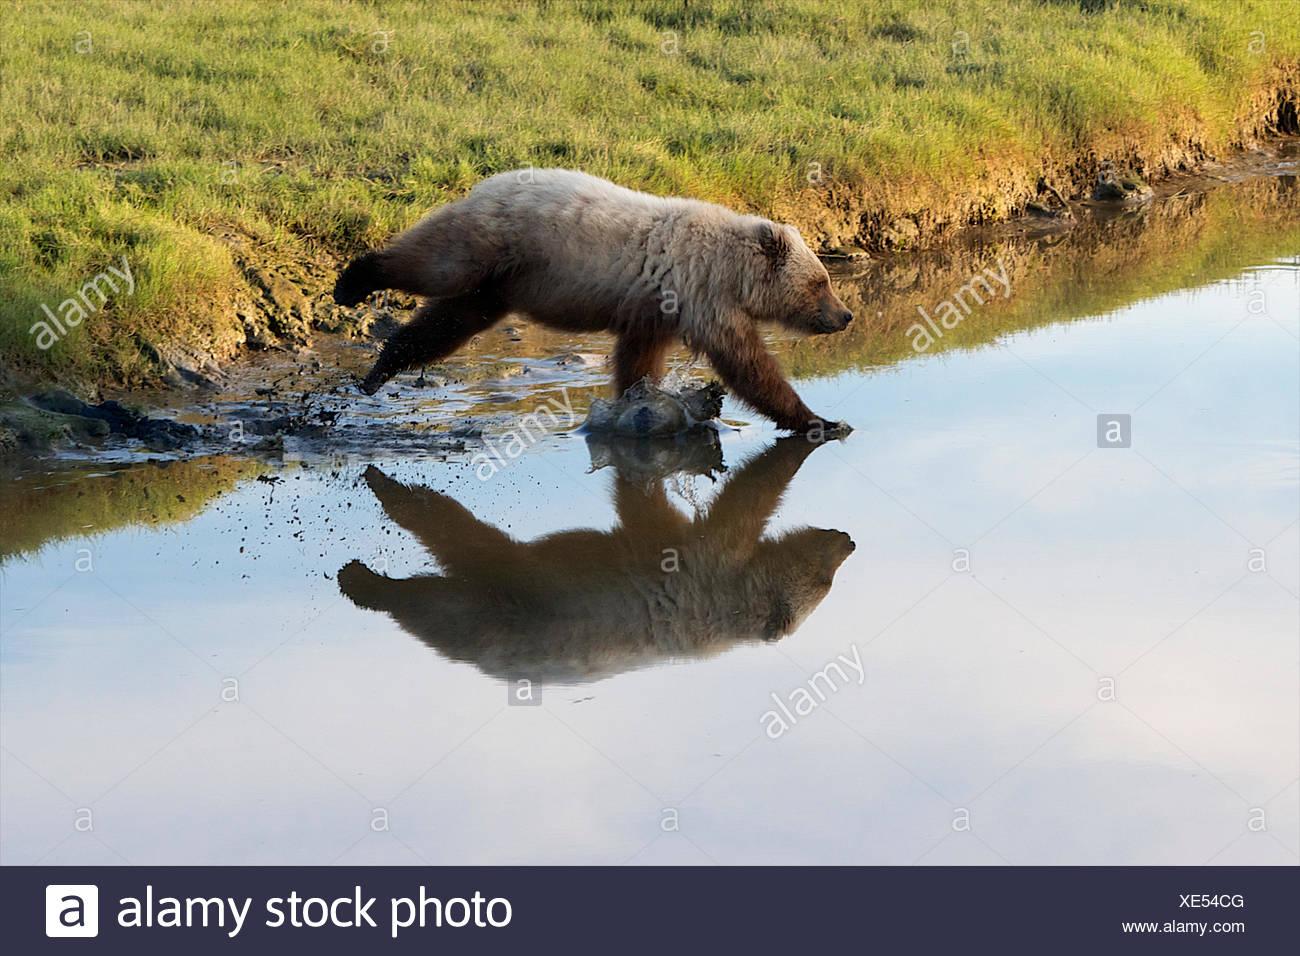 Un grizzly hits de l'eau à pleine vitesse de croisière. Photo Stock